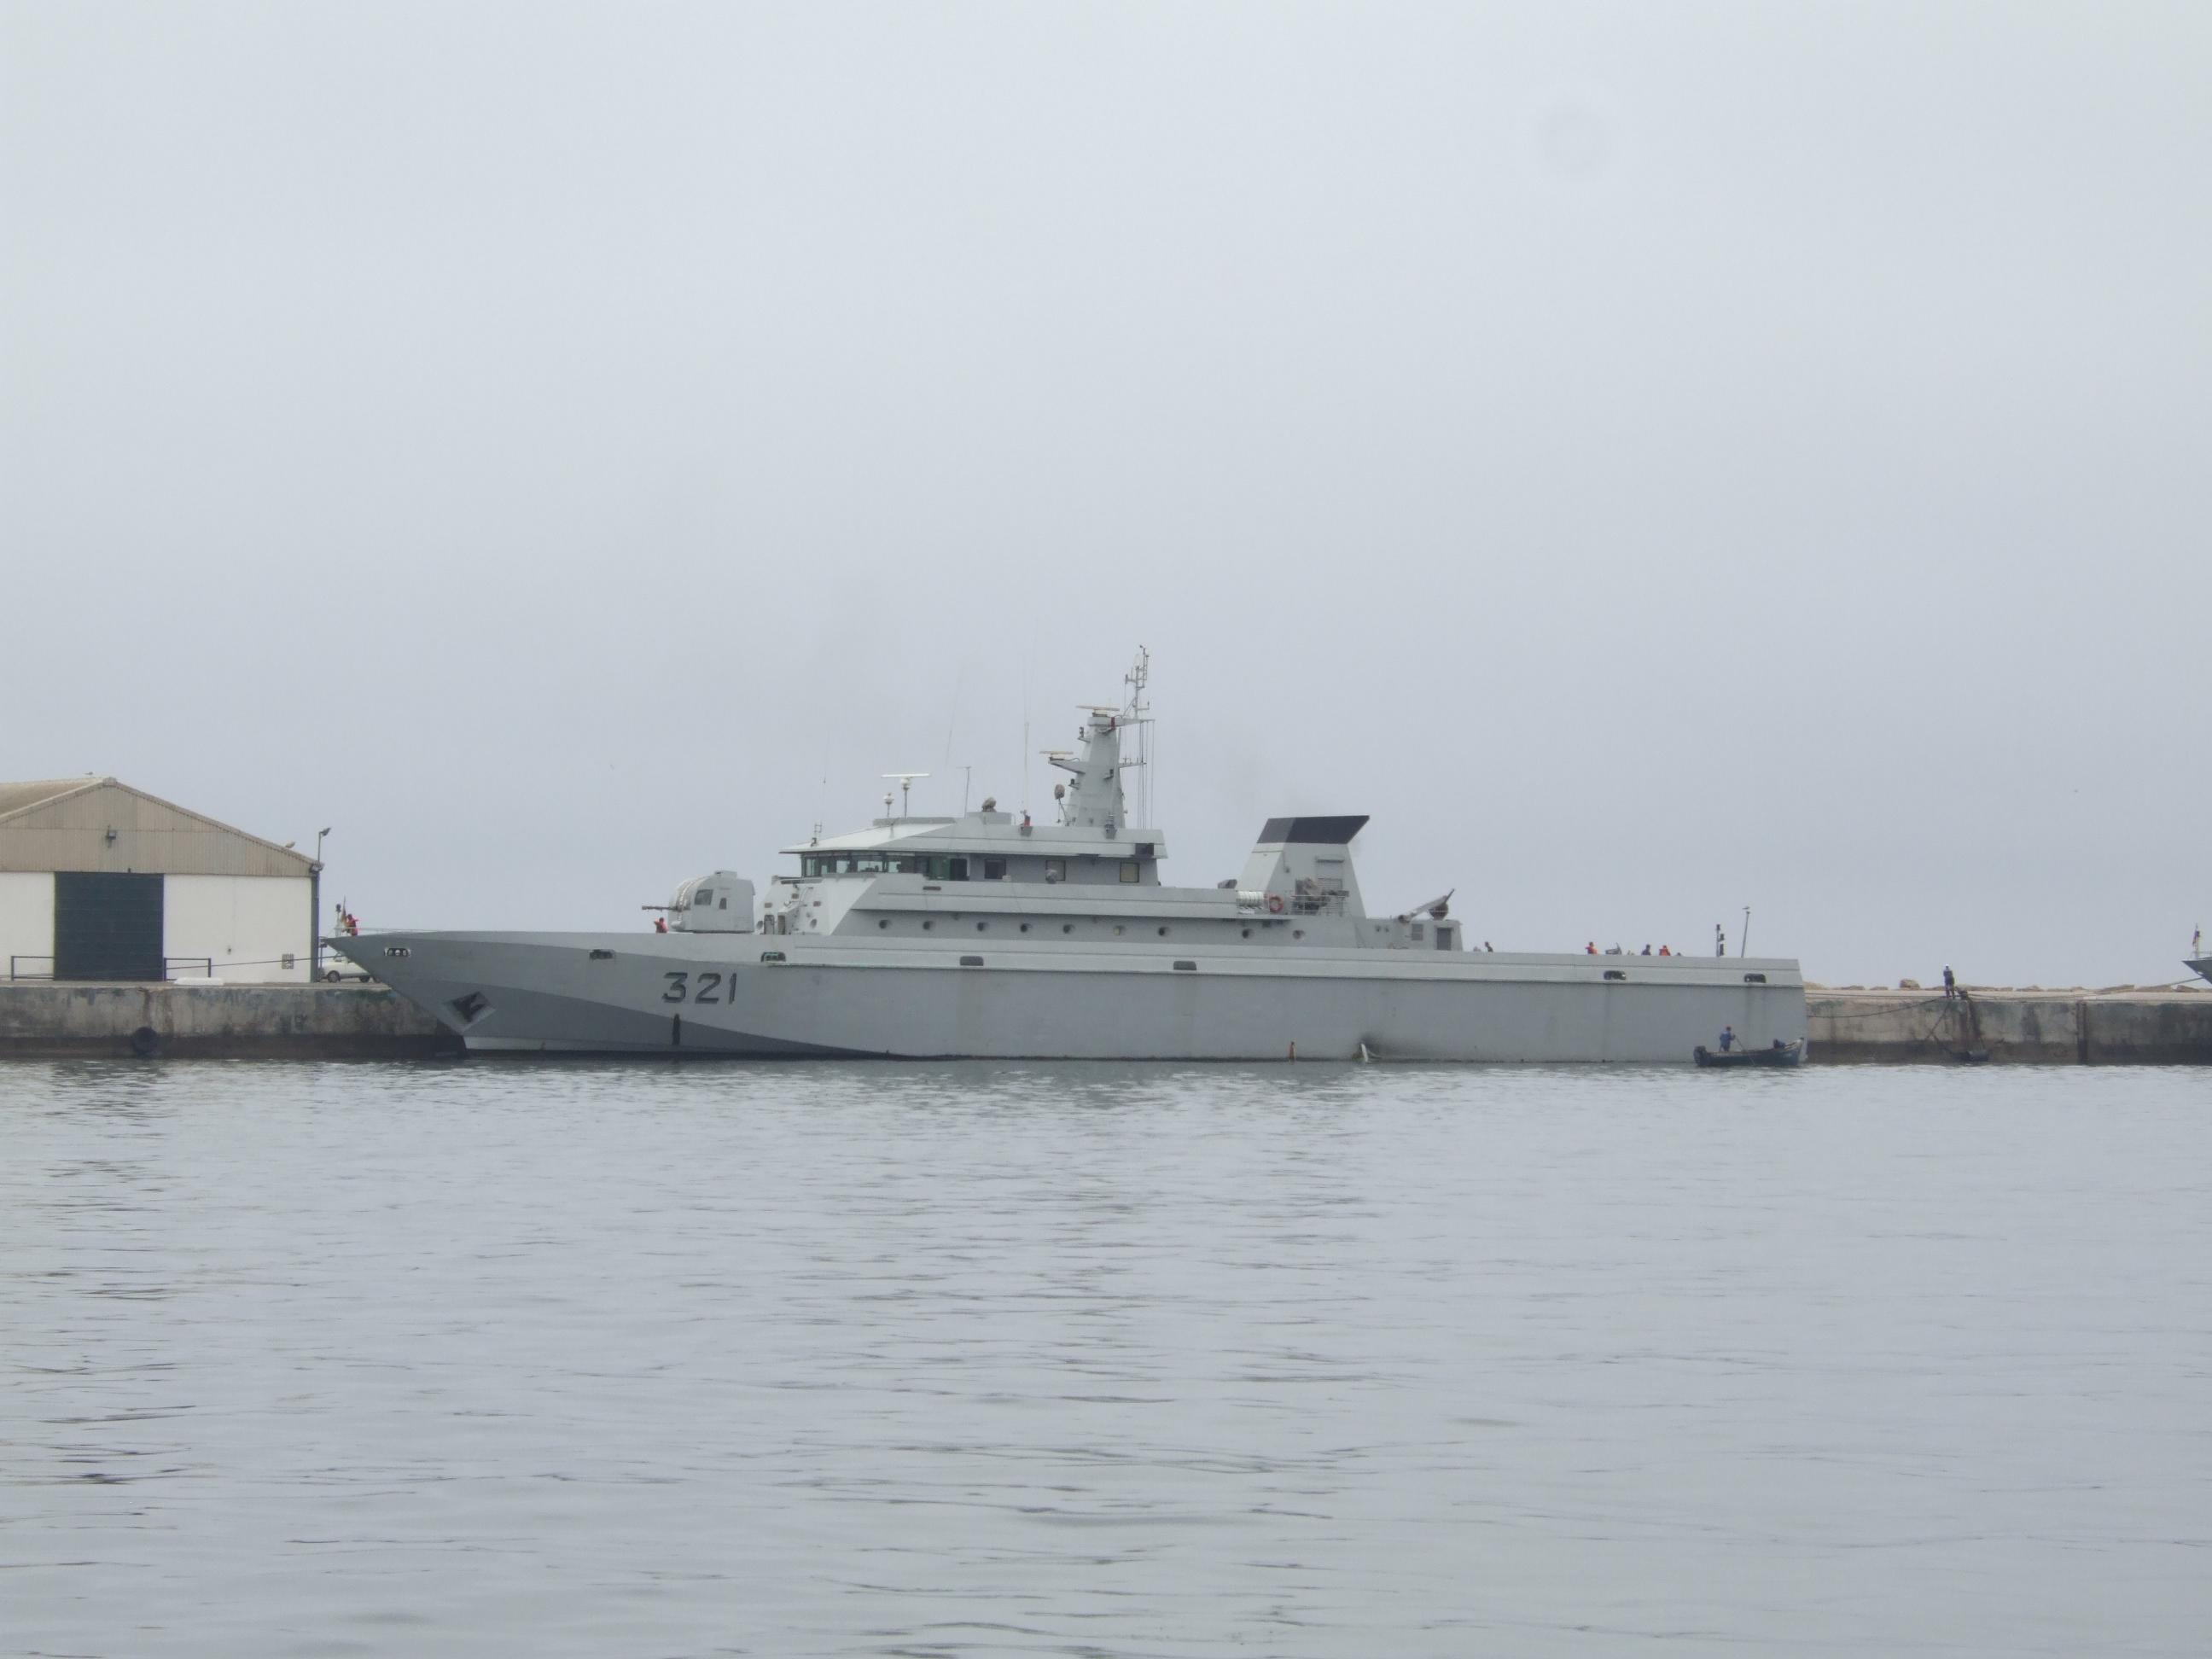 Royal Moroccan Navy Patrol Boats / Patrouilleurs de la Marine Marocaine - Page 12 2423861